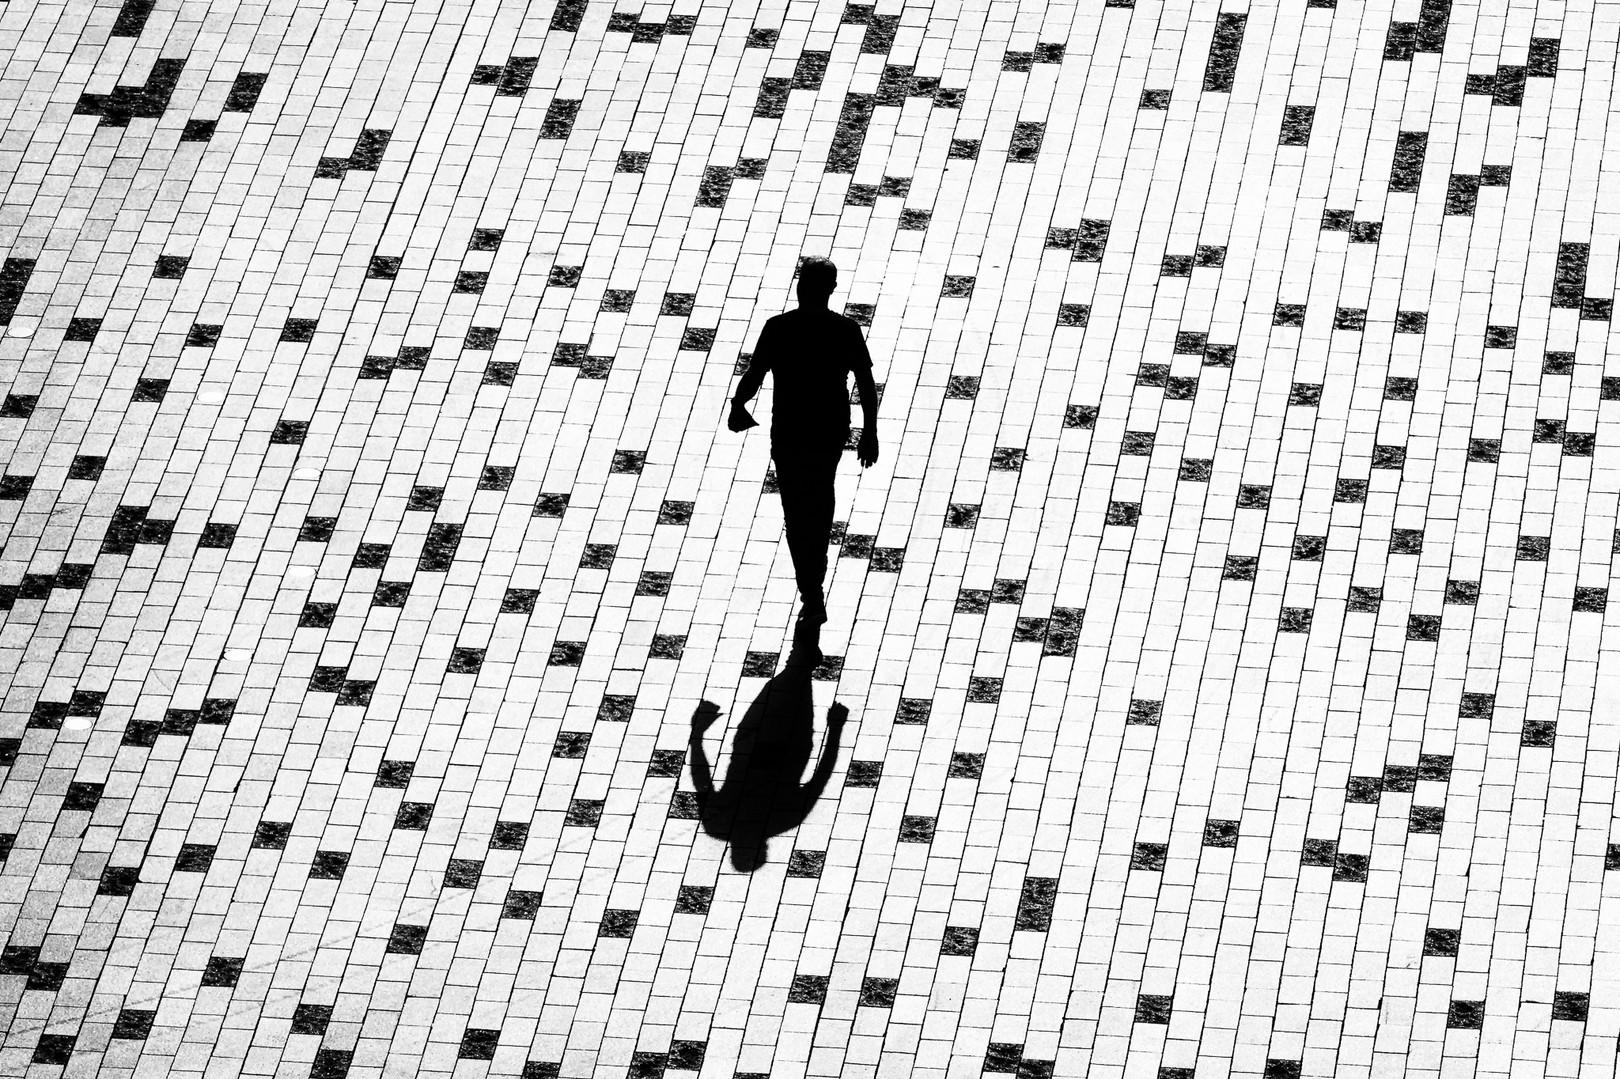 Faire partie d'un puzzle / Being part of a puzzle